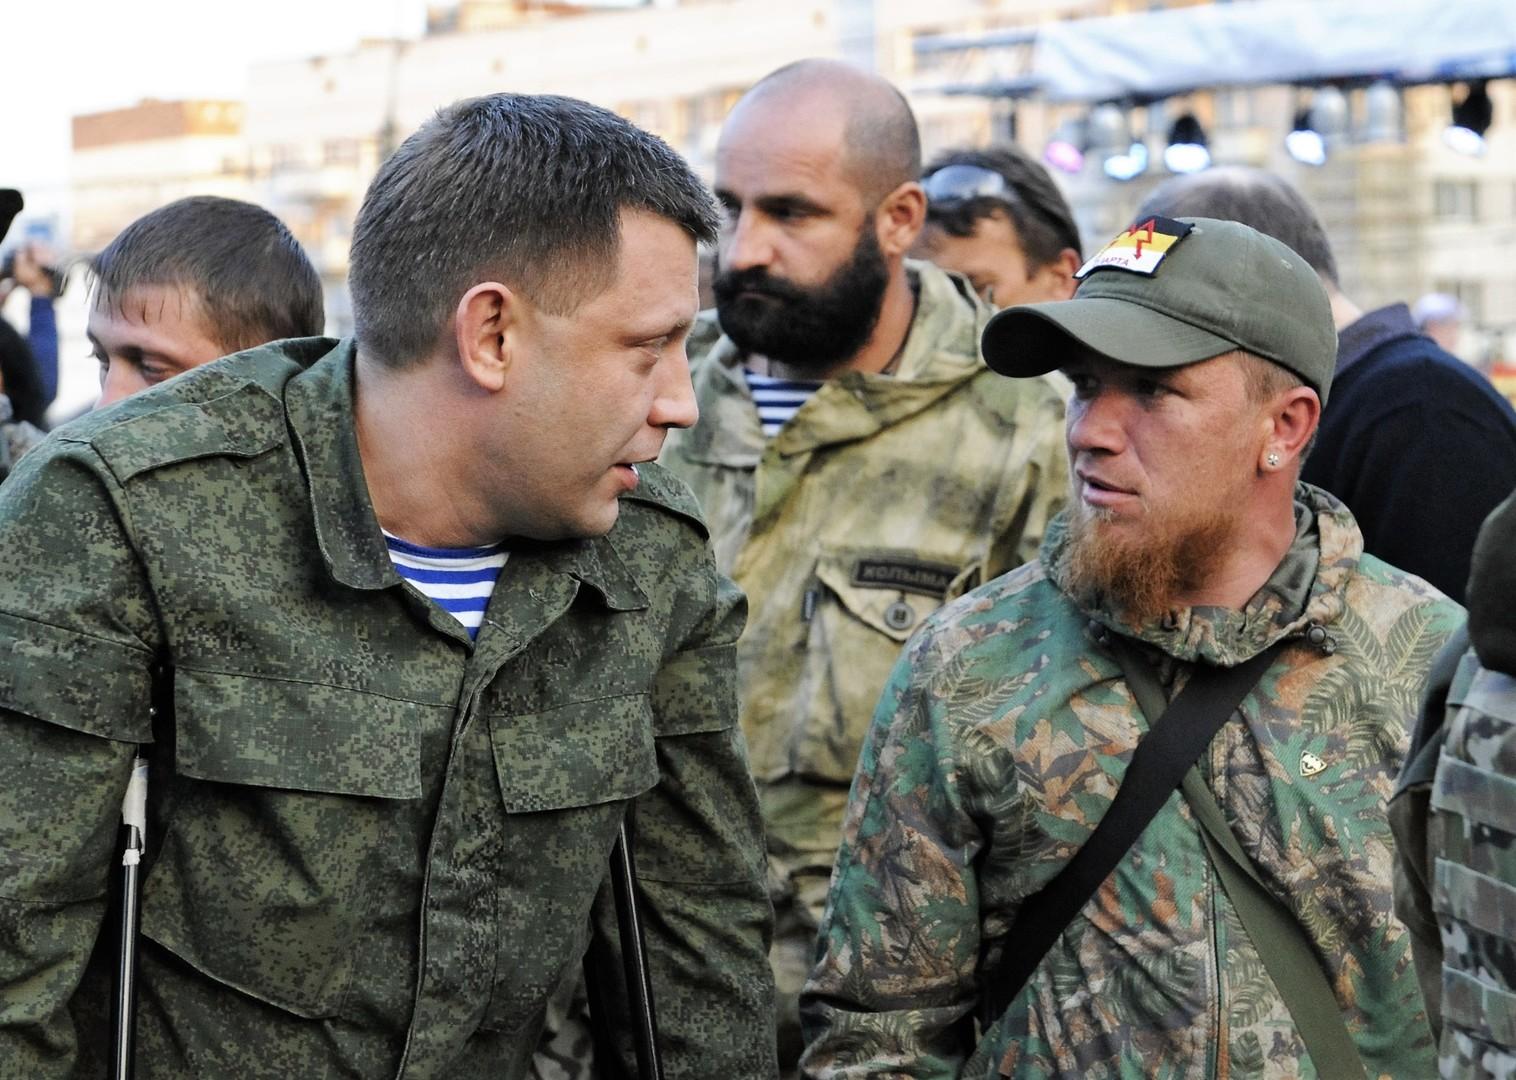 """Terror in der Ostukraine: Volkswehr-Kommandant Arseni Pawlow """"Motorola"""" durch Anschlag getötet"""